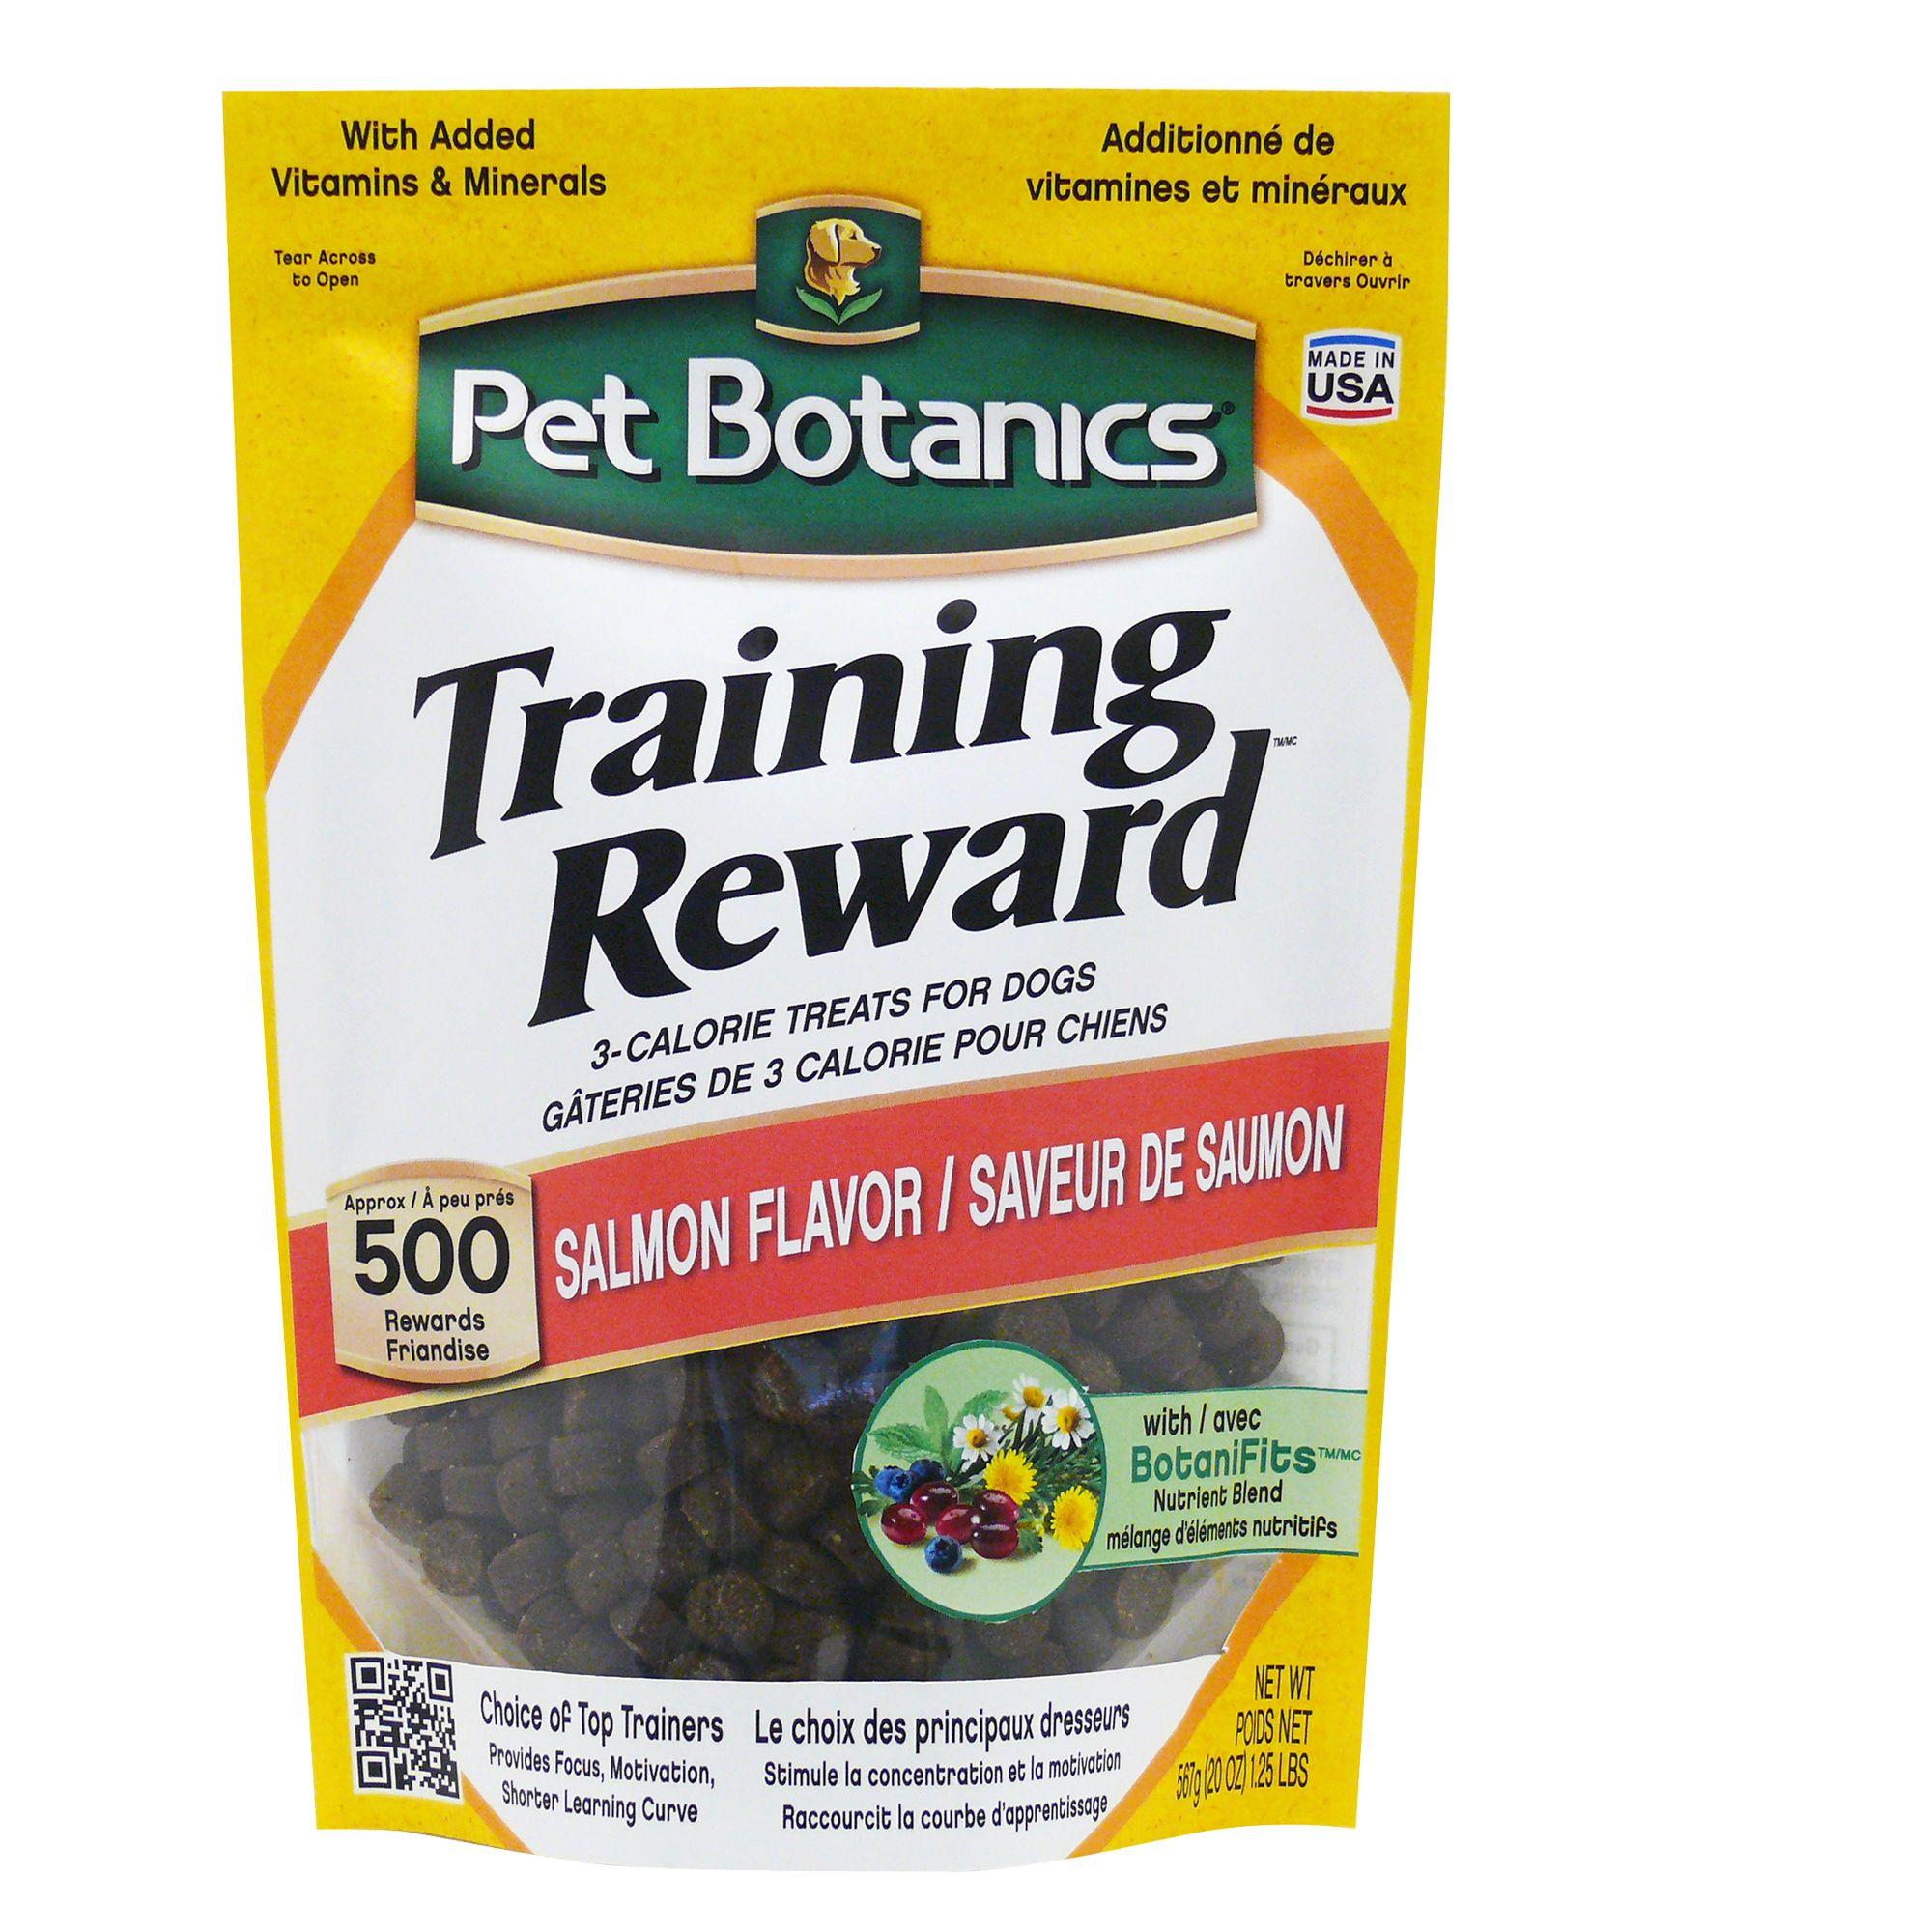 Pet Botanics Training Reward Dog Treat Salmon Size 20 Oz